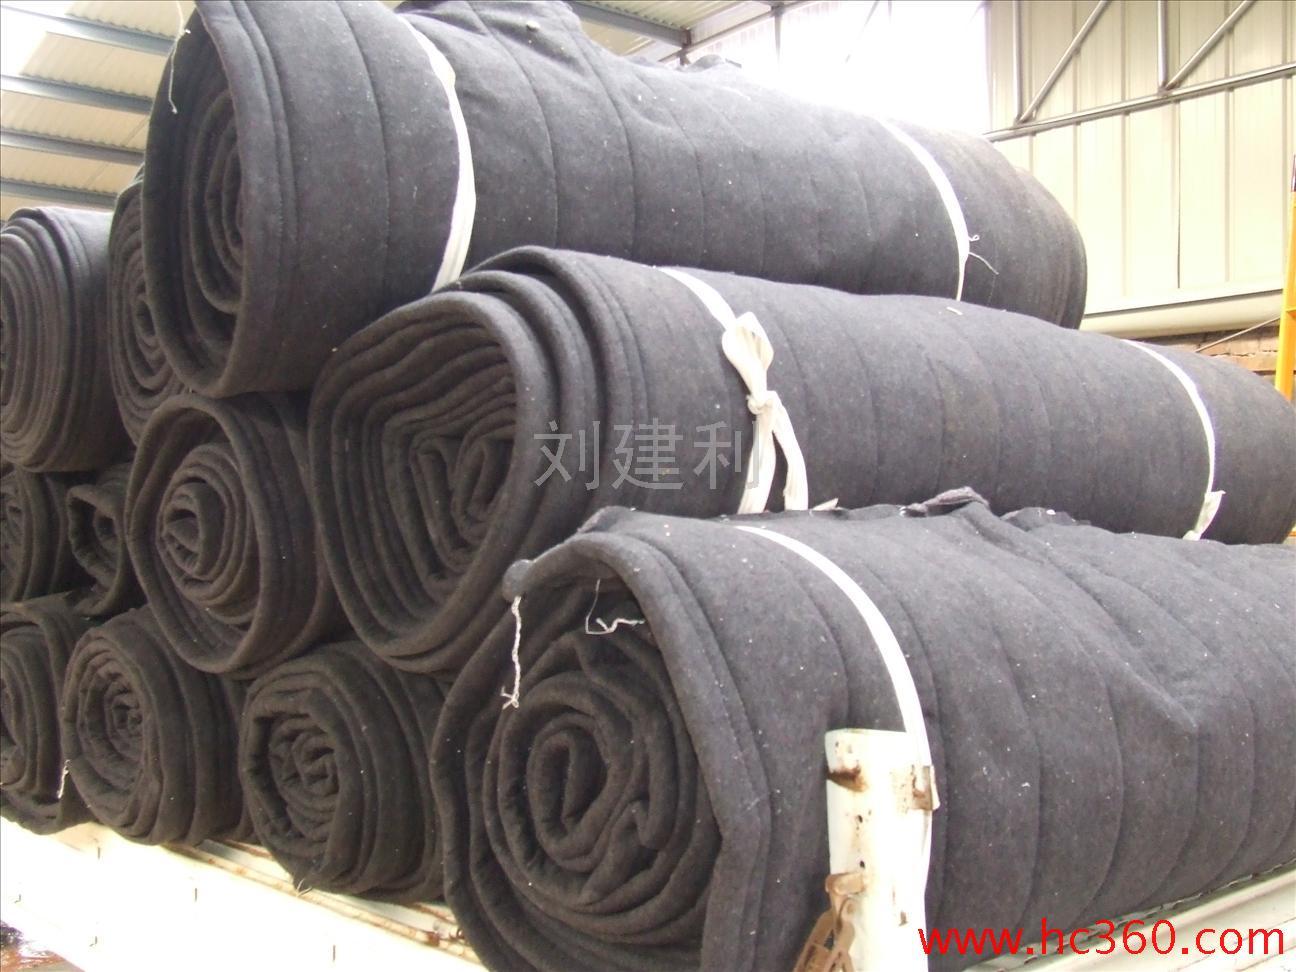 山东省地区销量好的大棚保温棉被怎么样?    ,大棚保温棉被价格